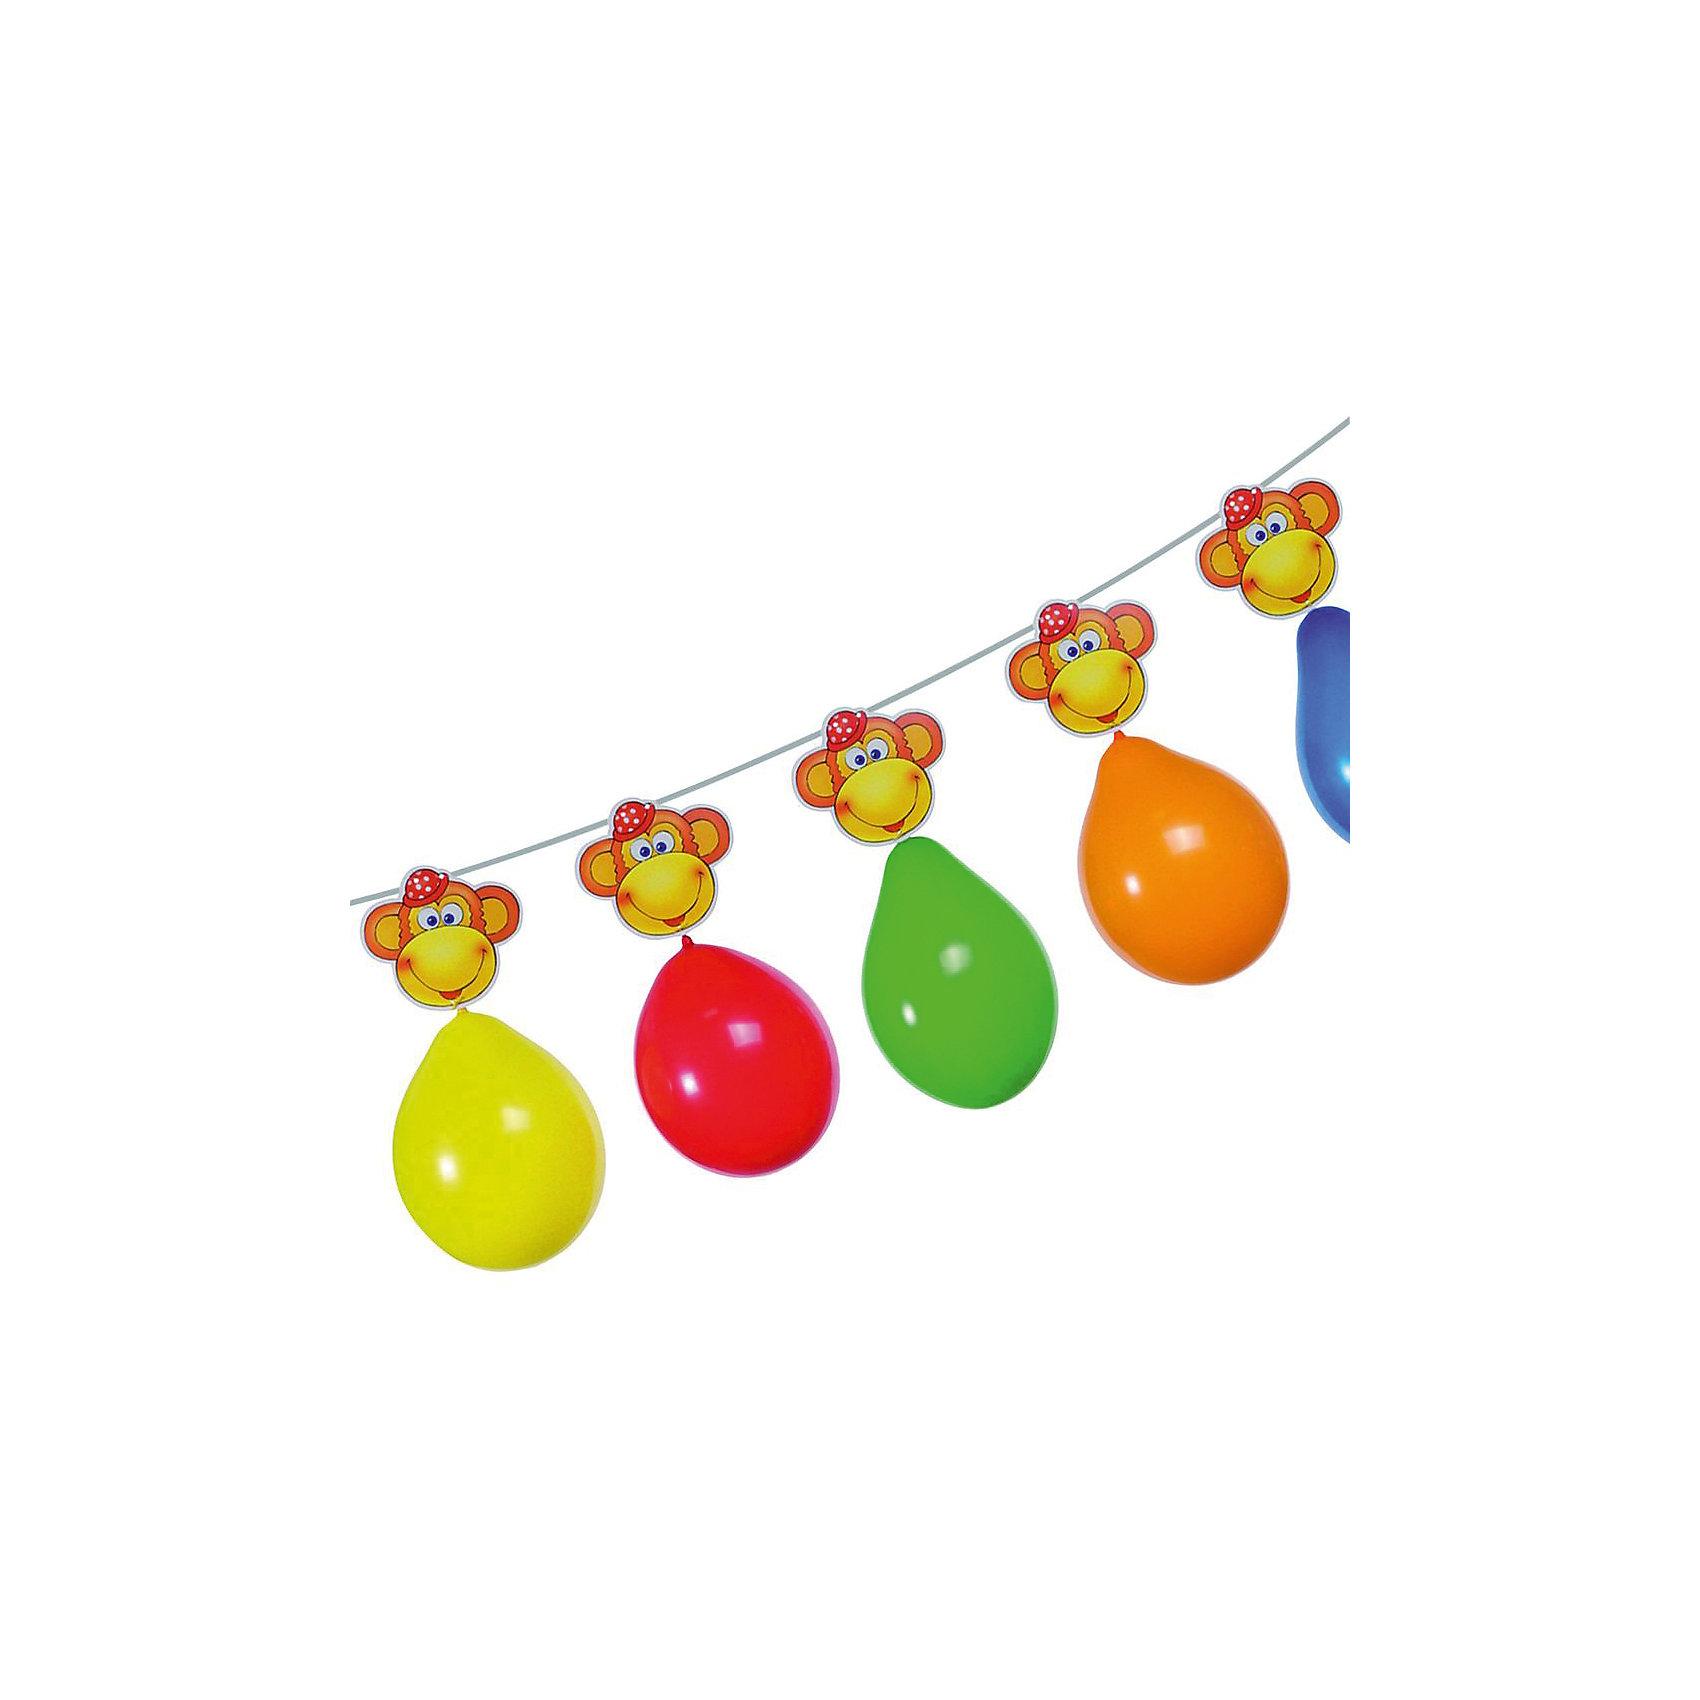 Гирлянда из шаров Обезьянки, 3 м., 6 шаров, блистерБаннеры и гирлянды для детской вечеринки<br>Характеристики товара:<br><br>• возраст: от 3 лет<br>• цвет: мульти<br>• материал: бумага, биоразлагаемый латекс<br>• размер упаковки: 17х21х3 см<br>• длина: 3 м<br>• вес: 70 г<br>• страна бренда: Германия<br>• страна изготовитель: Германия<br><br>Яркая гирлянда с шарами и мордочками обезьянок поможет создать атмосферу праздника и поднять настроение всем гостям. <br><br>Ею можно украсить стены, окна помещения, а также растянуть по диагонали.<br><br>Гирлянду из шаров   «Обезьянки», 3 м., 6 шаров, блистер, от бренда Herlitz (Херлиц) можно купить в нашем интернет-магазине.<br><br>Ширина мм: 8<br>Глубина мм: 175<br>Высота мм: 210<br>Вес г: 68<br>Возраст от месяцев: 36<br>Возраст до месяцев: 2147483647<br>Пол: Унисекс<br>Возраст: Детский<br>SKU: 6886473